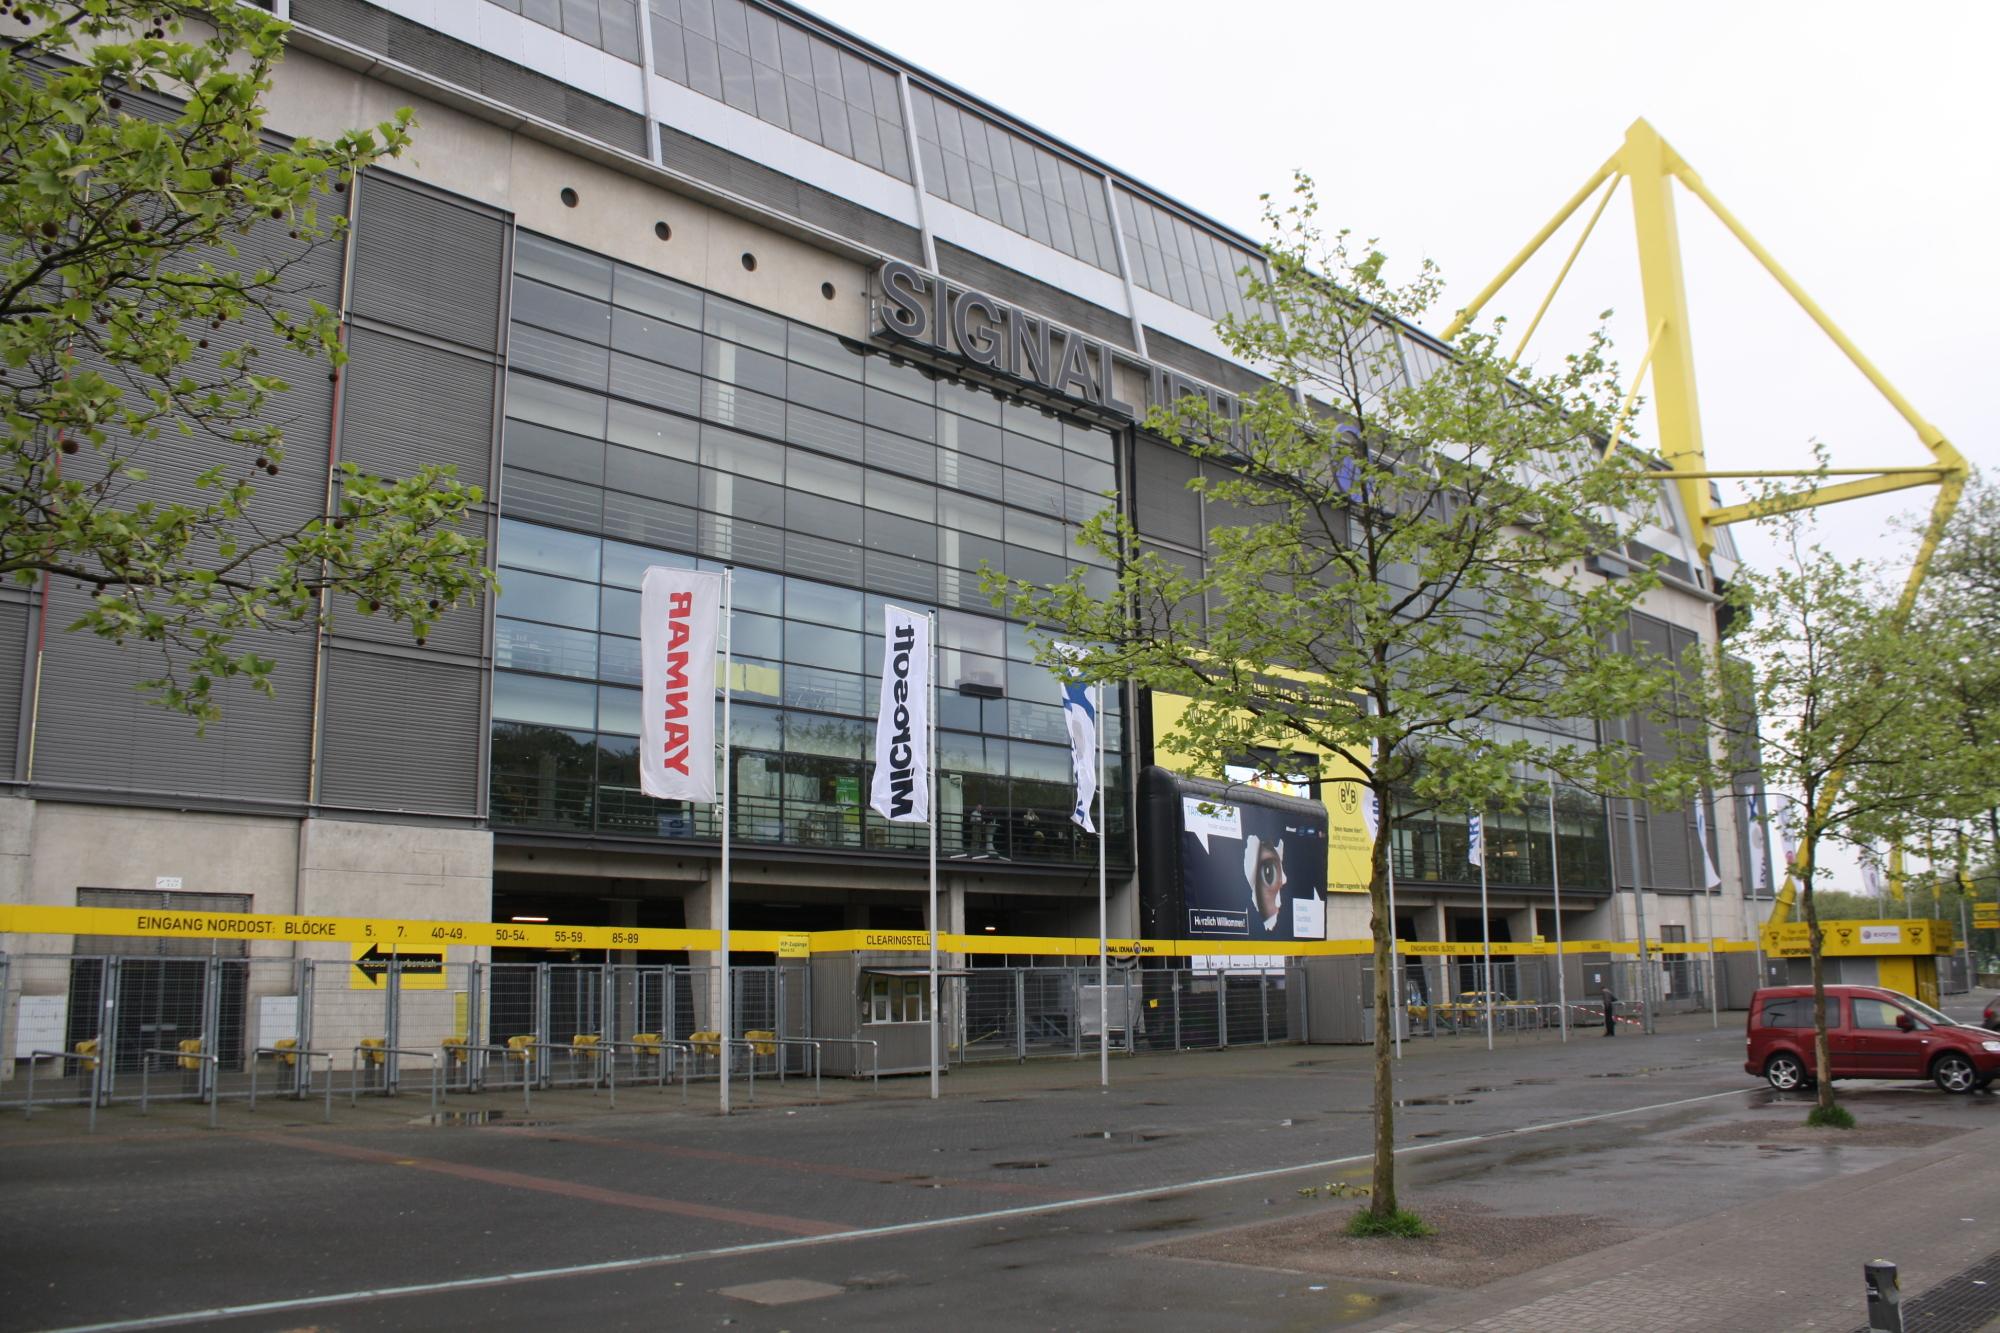 größte stadion deutschlands